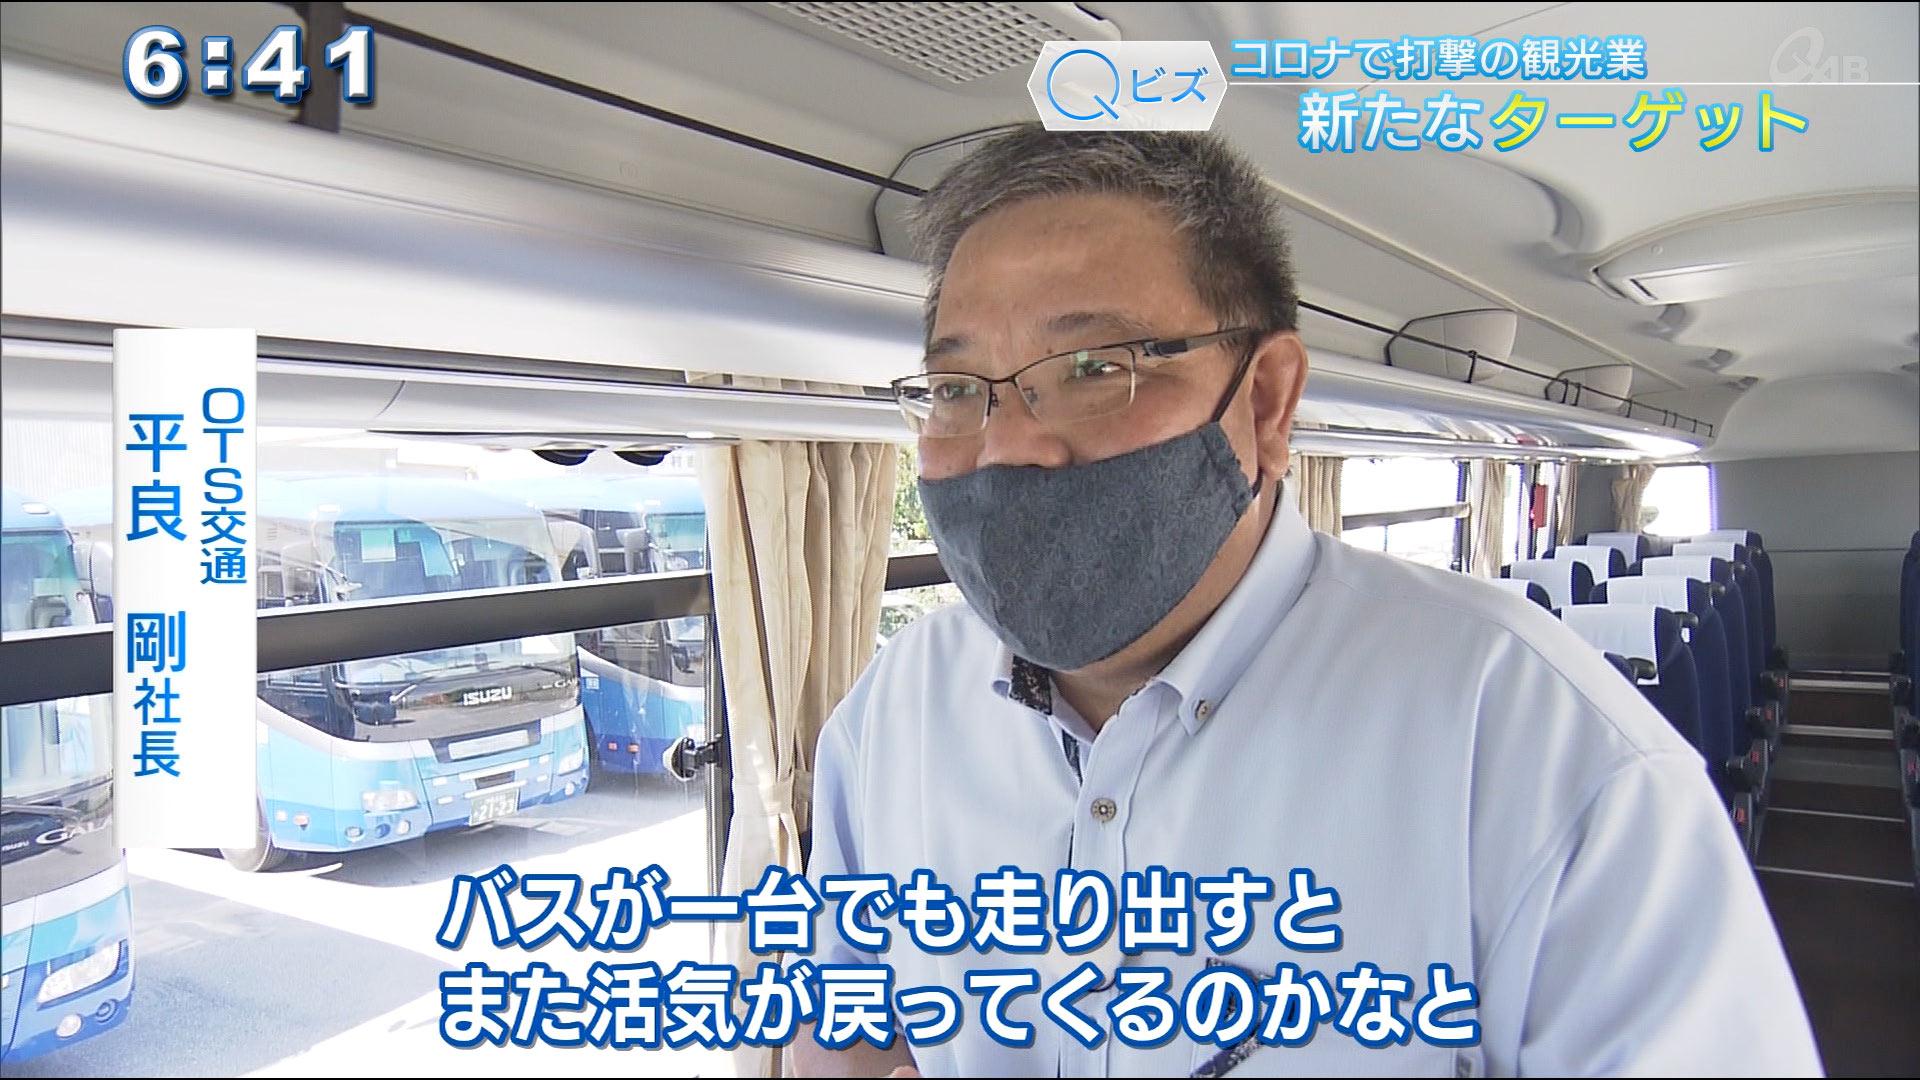 Qビズ 打撃の観光業 新しいターゲット県民向けの新サービスとは?!